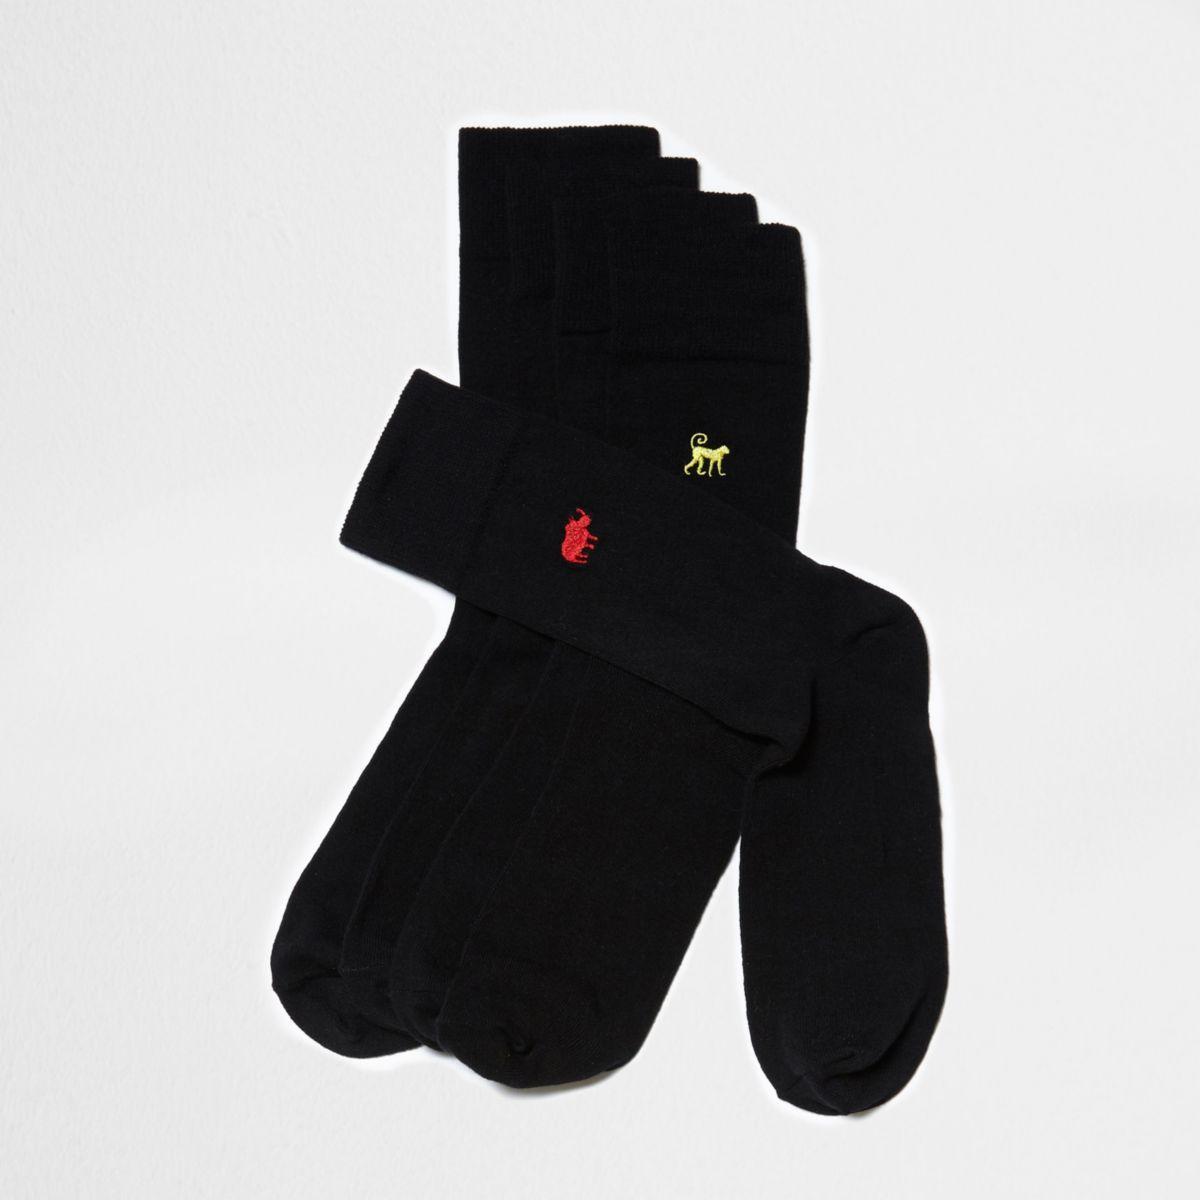 Black animal embroidered socks multipack